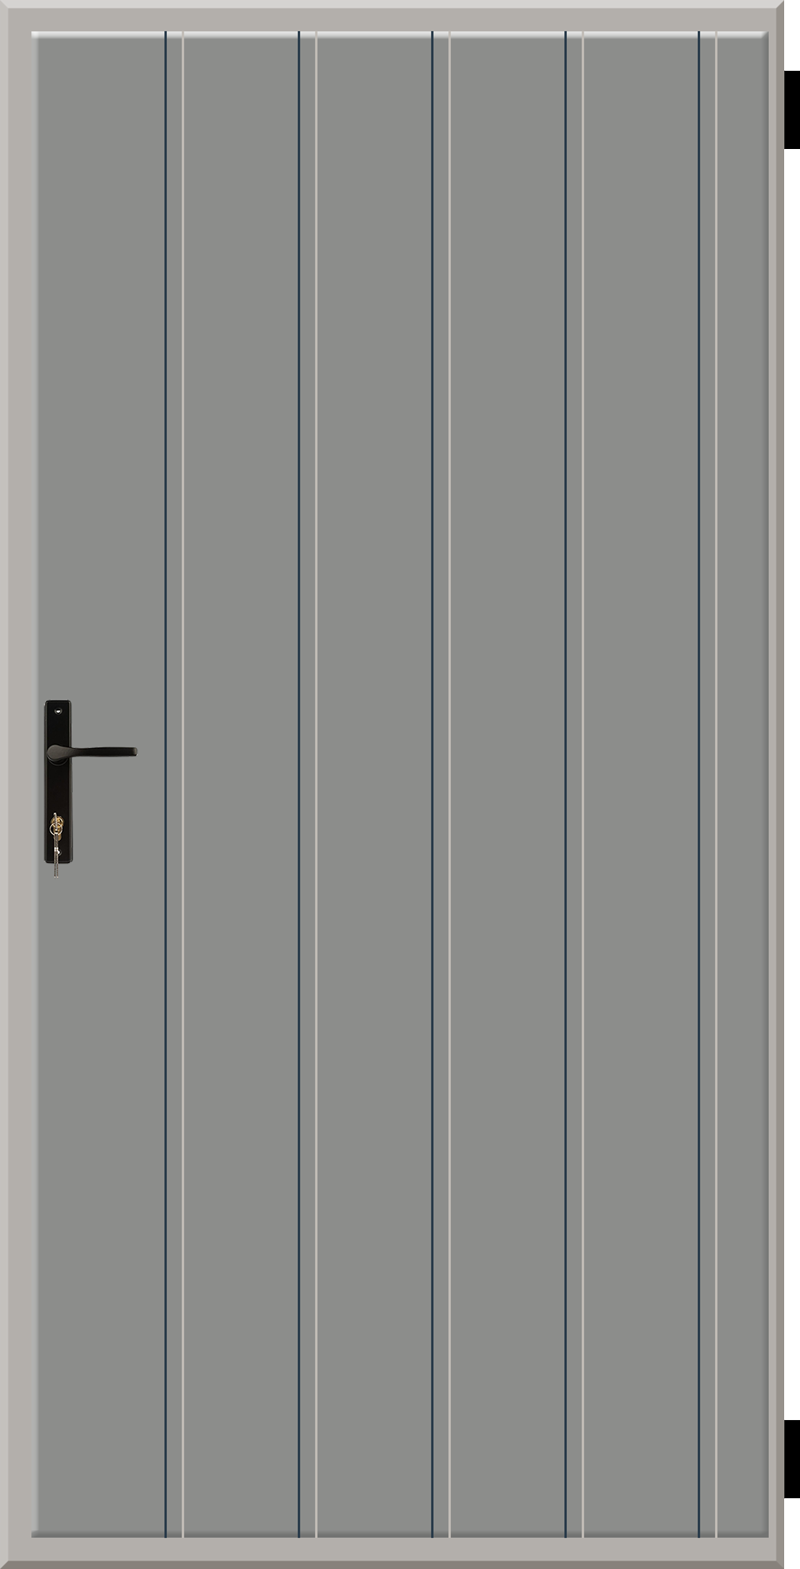 Tłoczenie pionowe co 17 cm